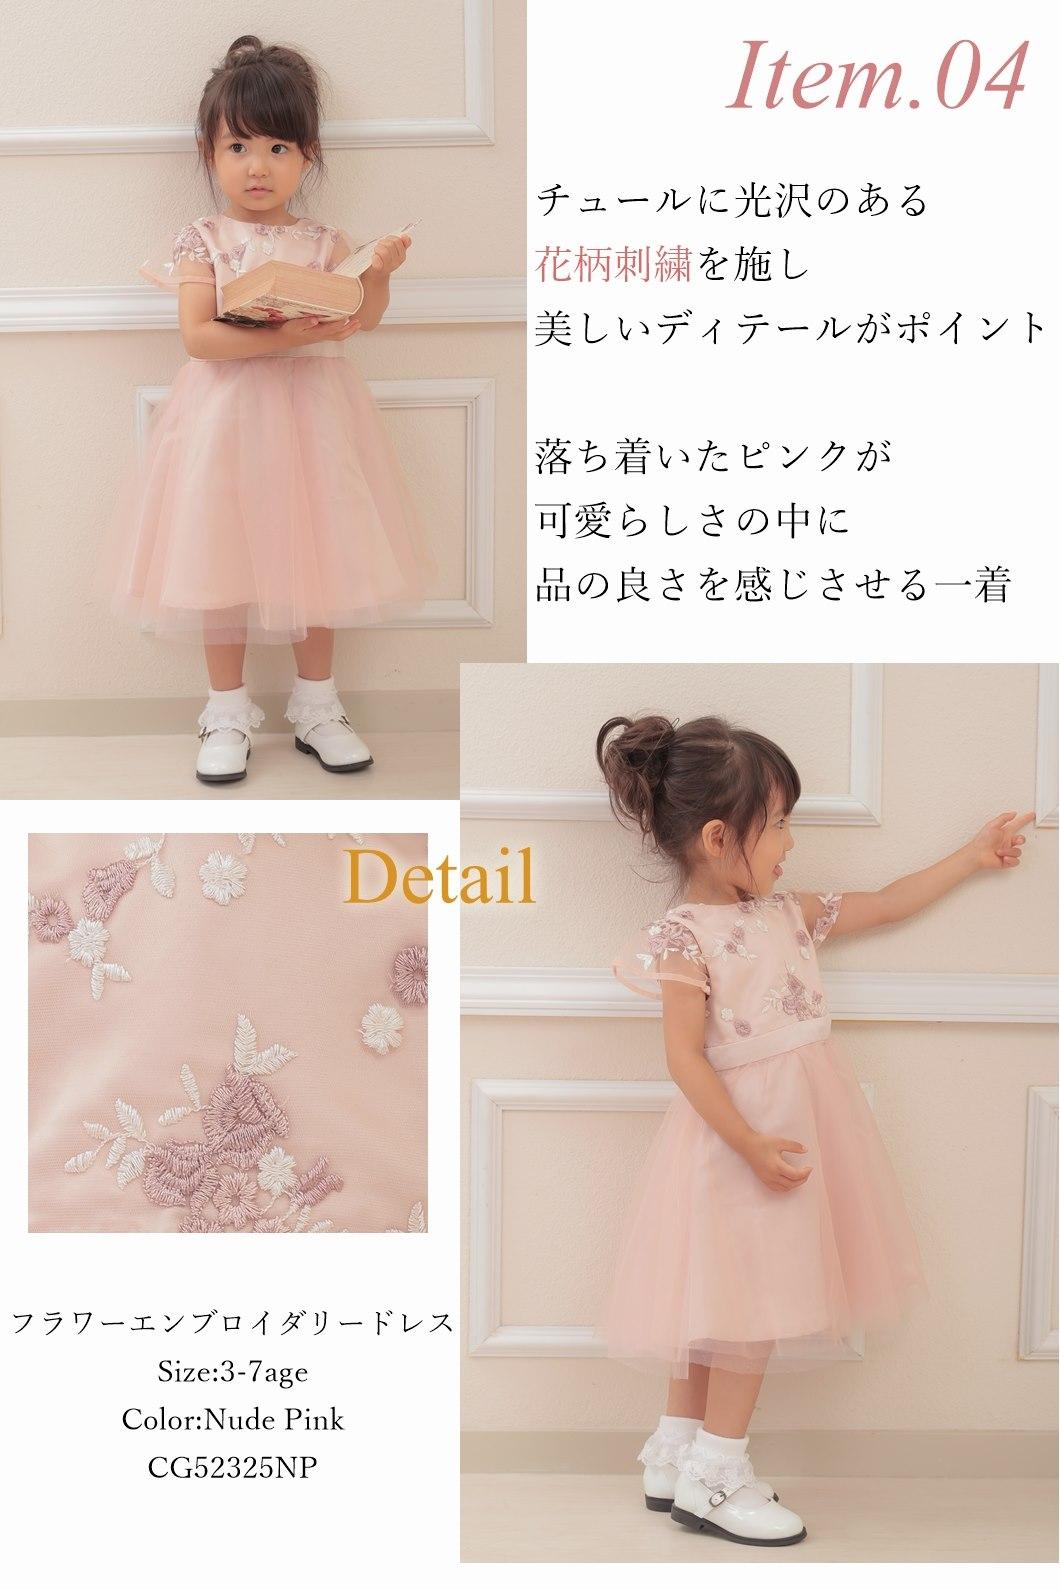 落ち着いたピンクが可愛らしさの中に品の良さを感じさせるドレス